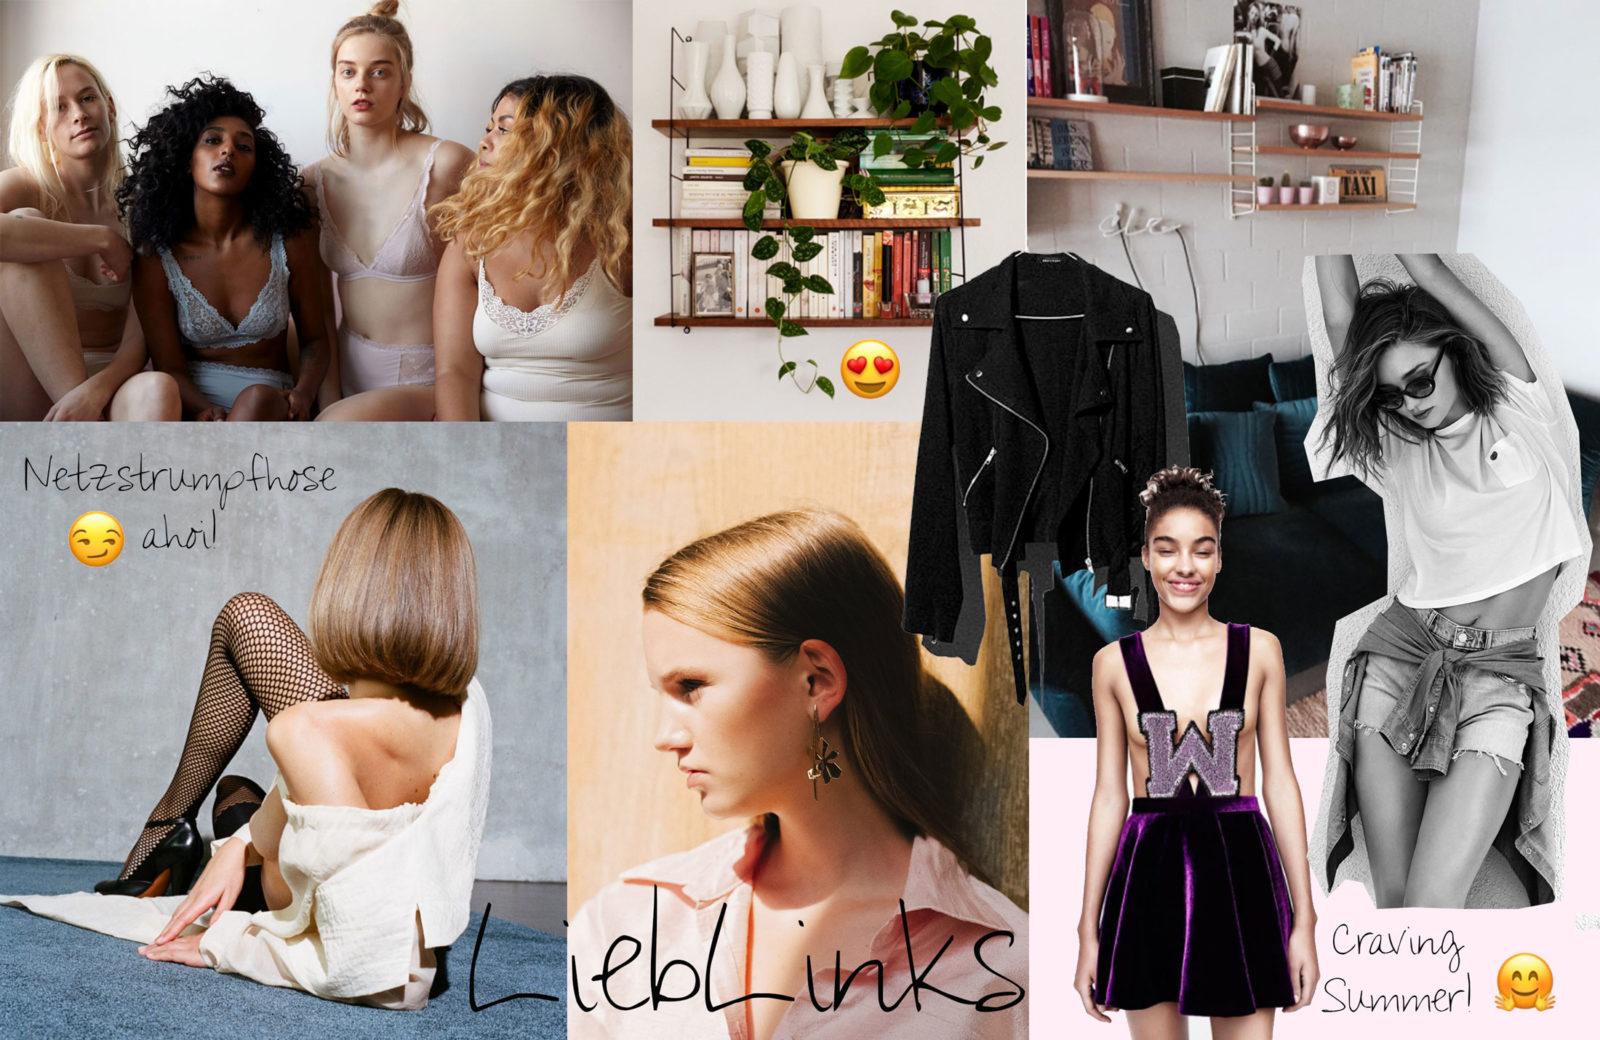 news du jour lieblinks im internet kw4 2017 journelles. Black Bedroom Furniture Sets. Home Design Ideas